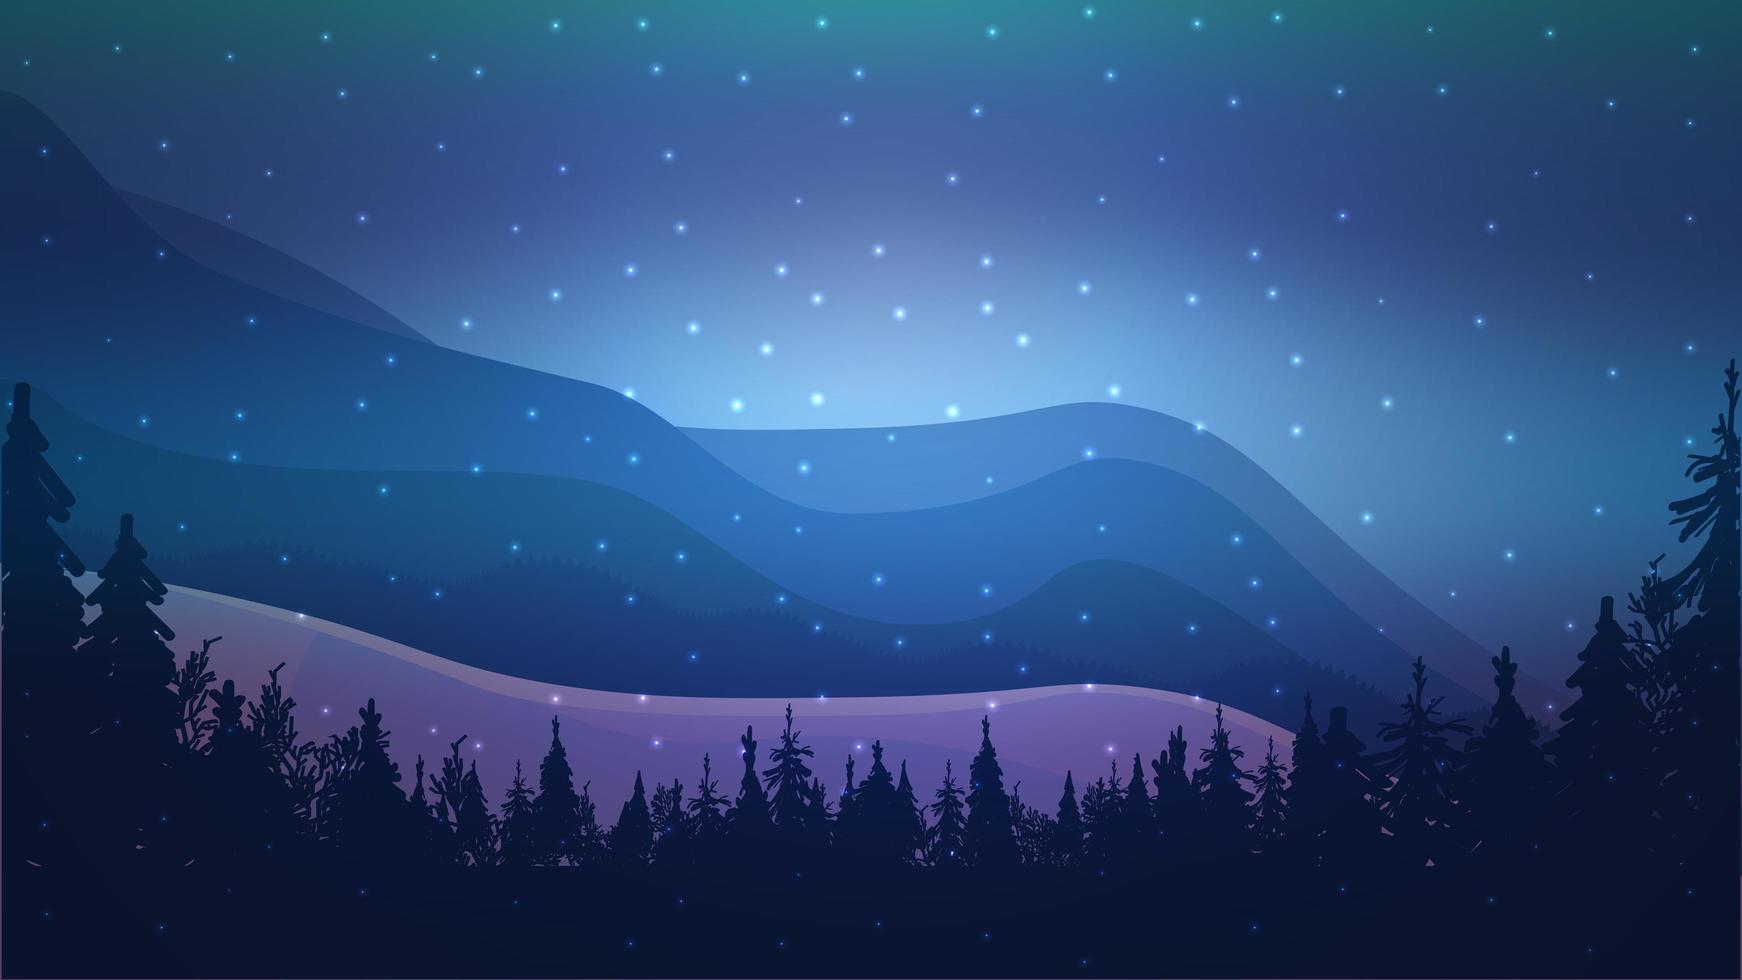 paisagem noturna de inverno com montanhas vetor